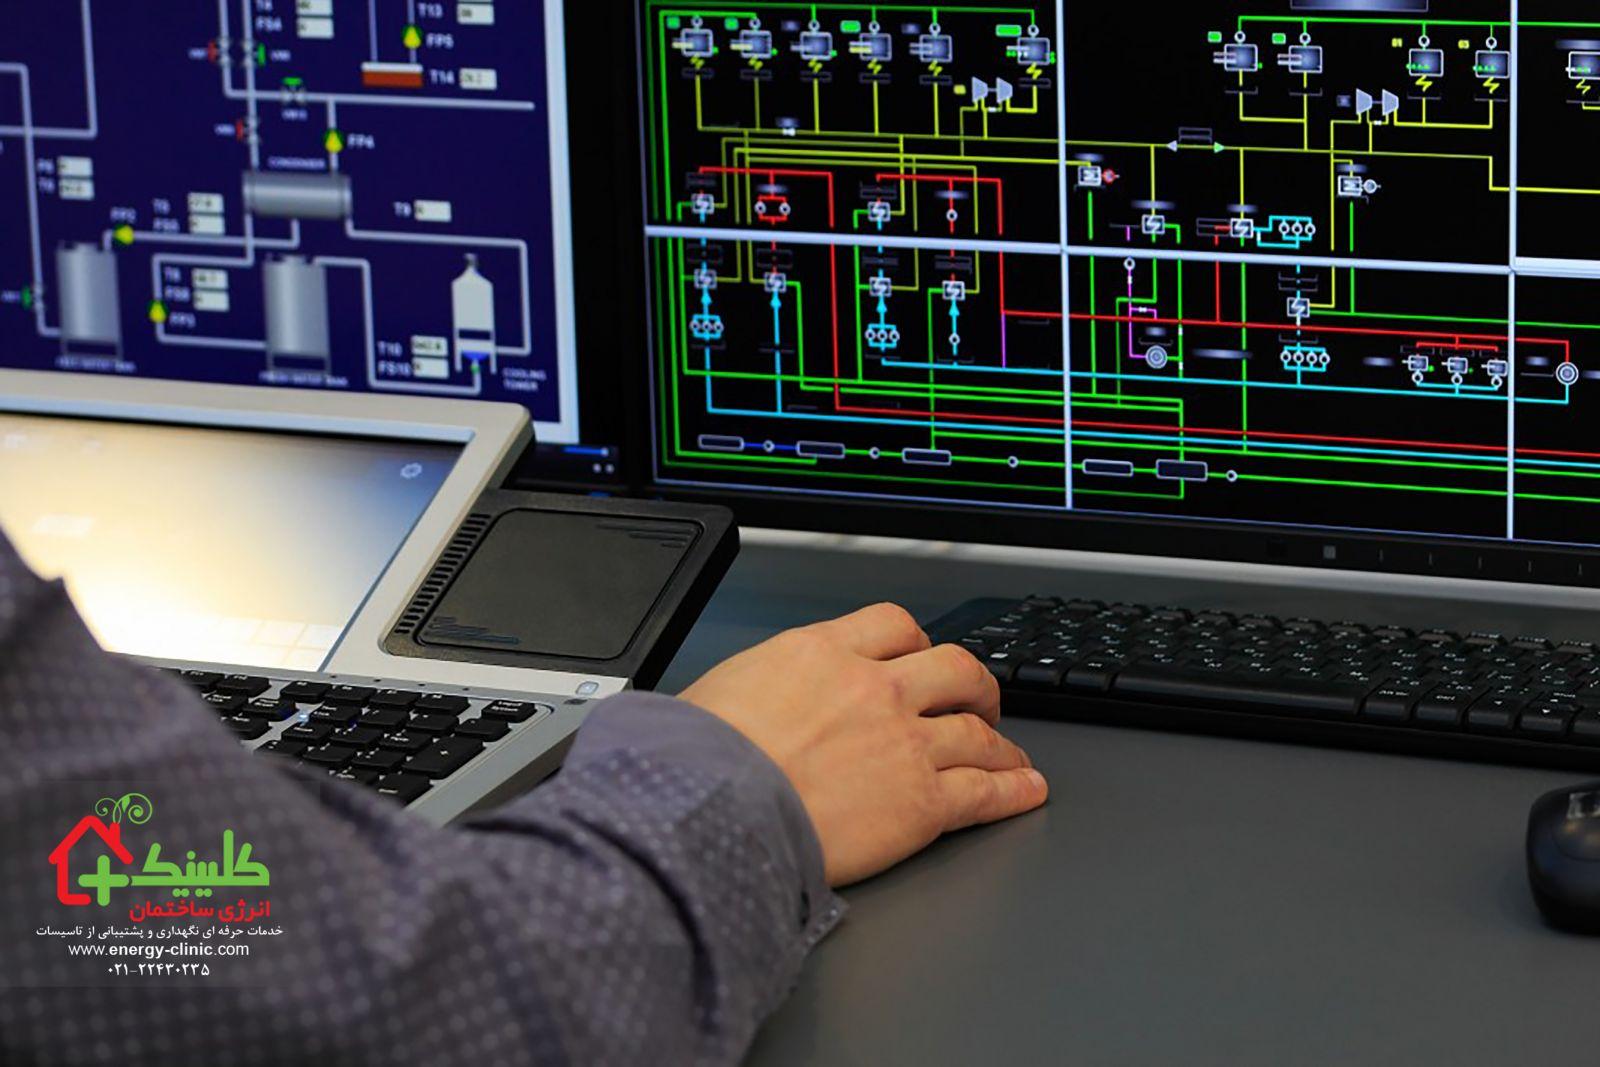 بهینه سازی مصرف انرژی سیستم های مدیریت ساختمان